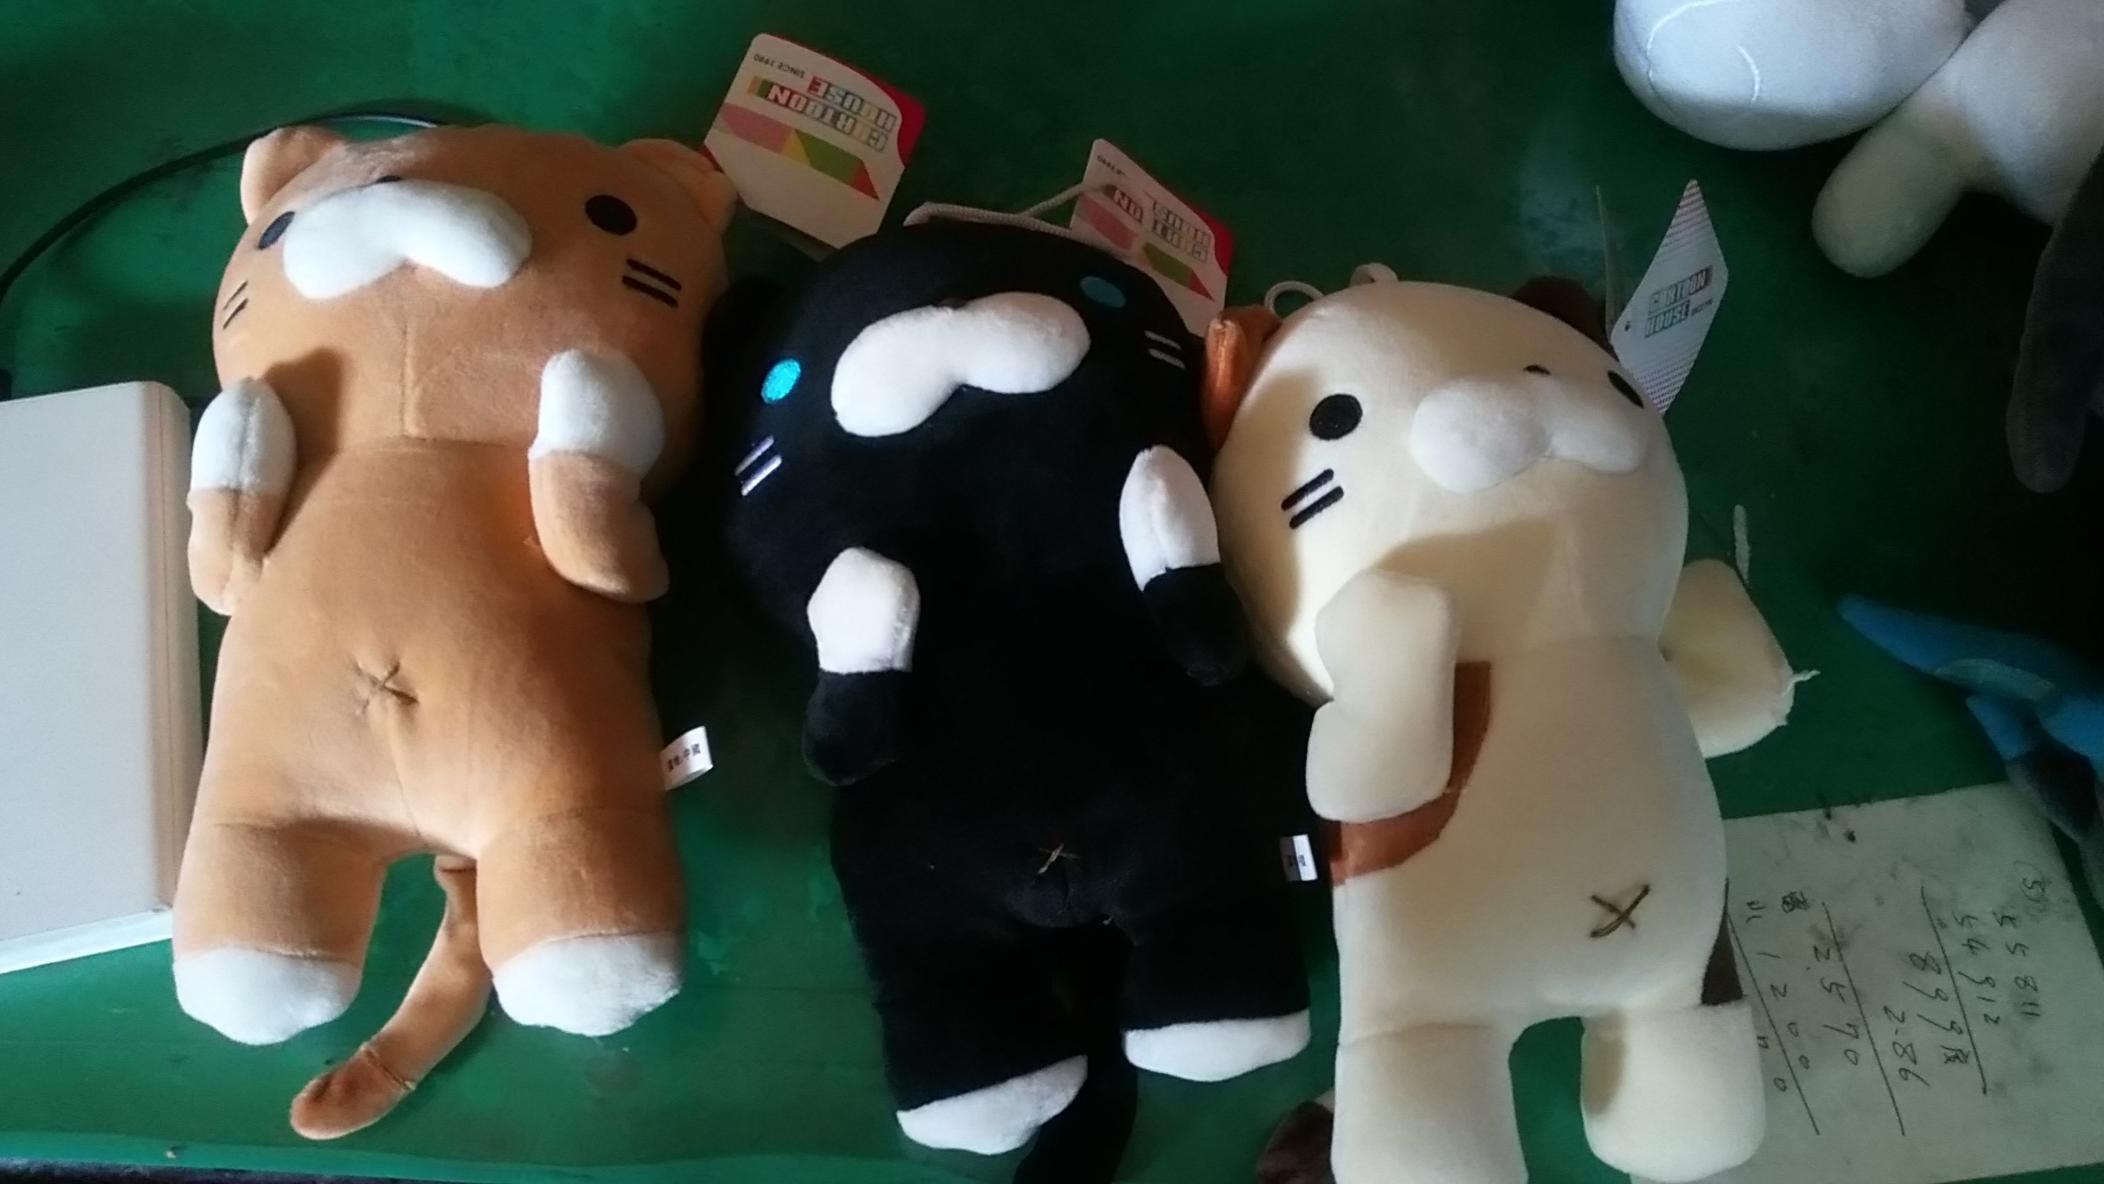 寶可夢日版超級噴火龍700+冰六尾400+月一布精靈200+小一布+3只麻藷觸感貓150  7只娃娃